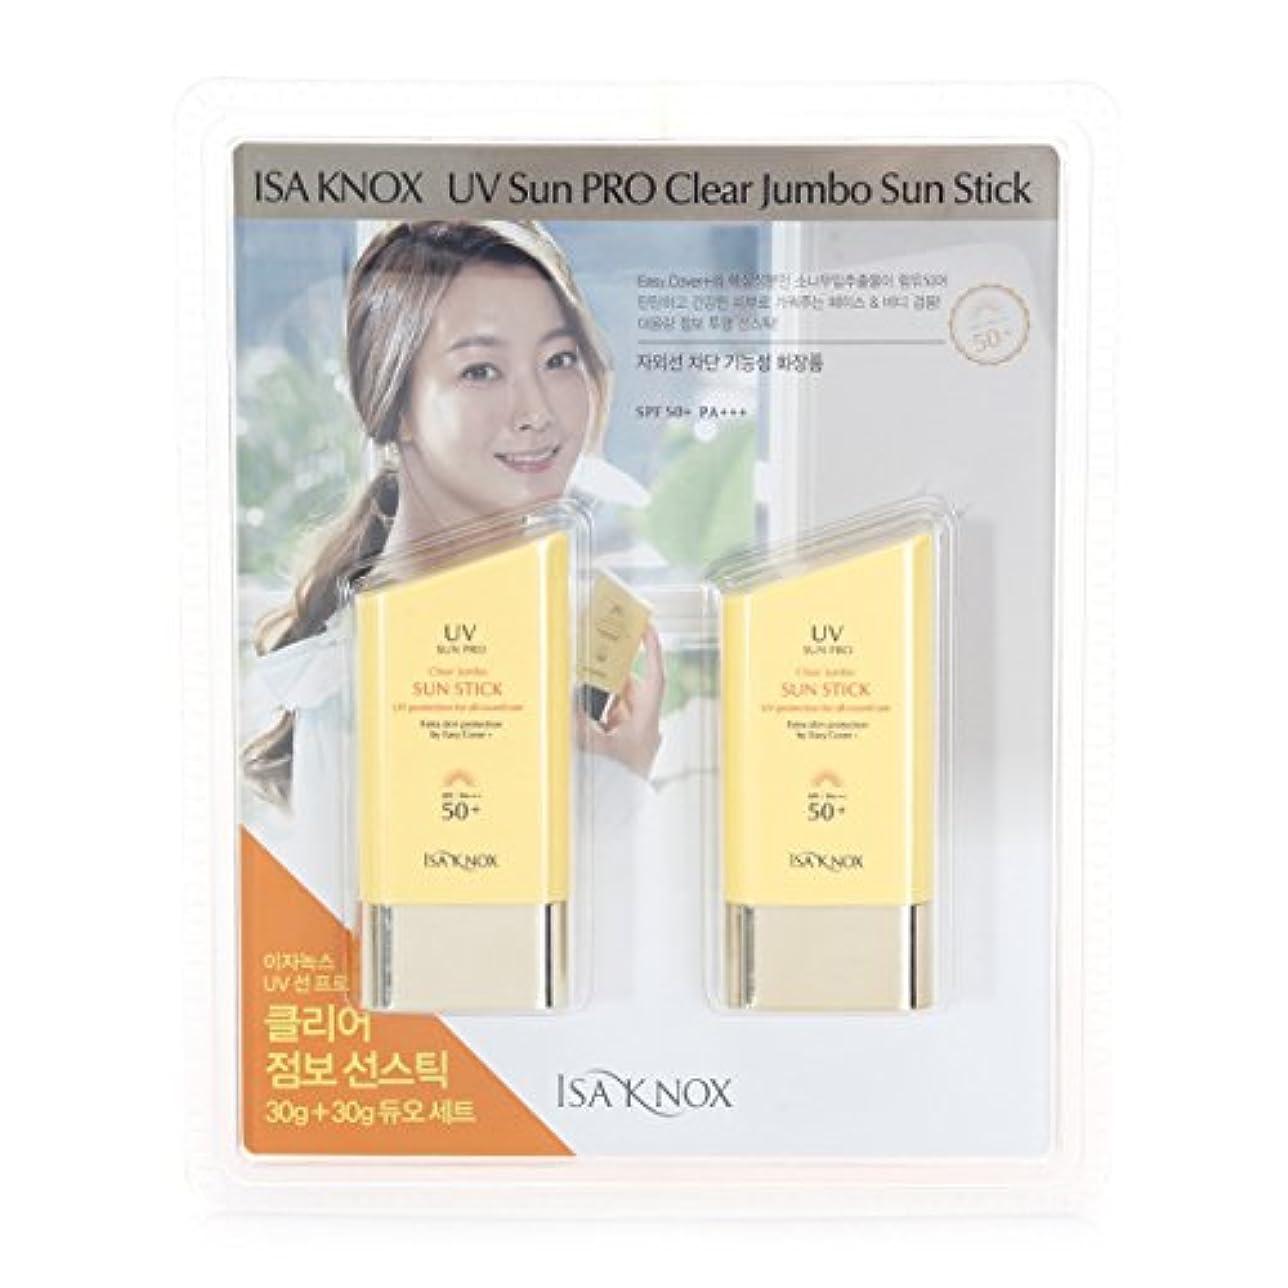 ストレスの多い摩擦収容する[イザノックス / ISA KNOX] UVサンプロクリアジャンボサンスティック 30g×2個セット / ISA KNOX Sun Pro Clear Jumbo Sun Stick / SPF50+ PA++ / クリアスティック...